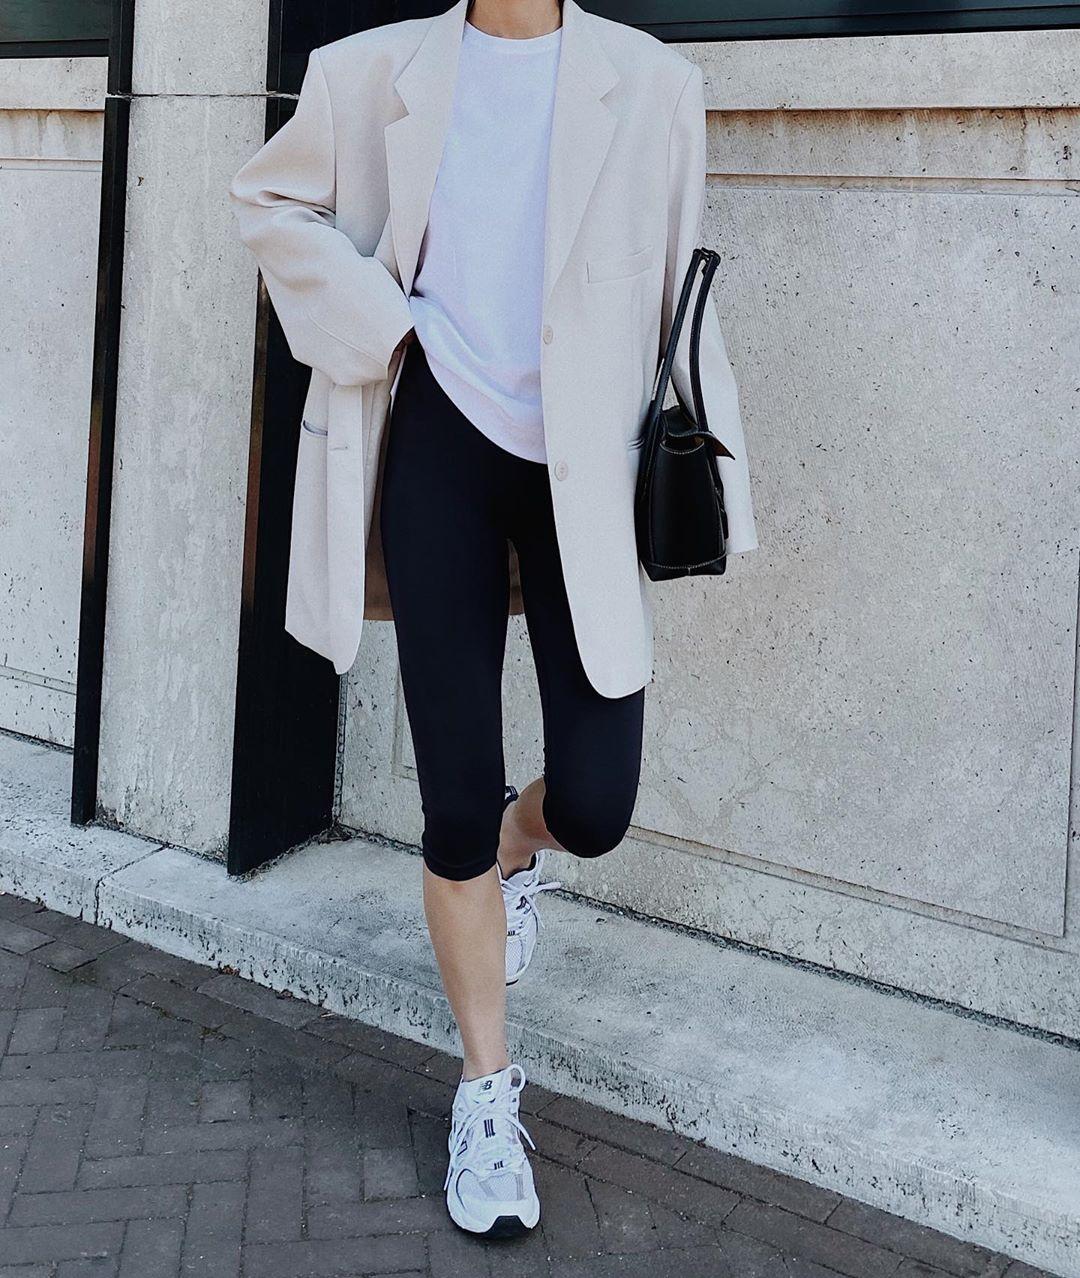 modedamour mặc áo thun trắng quần biker shorts theo phong cách thời trang athleisure